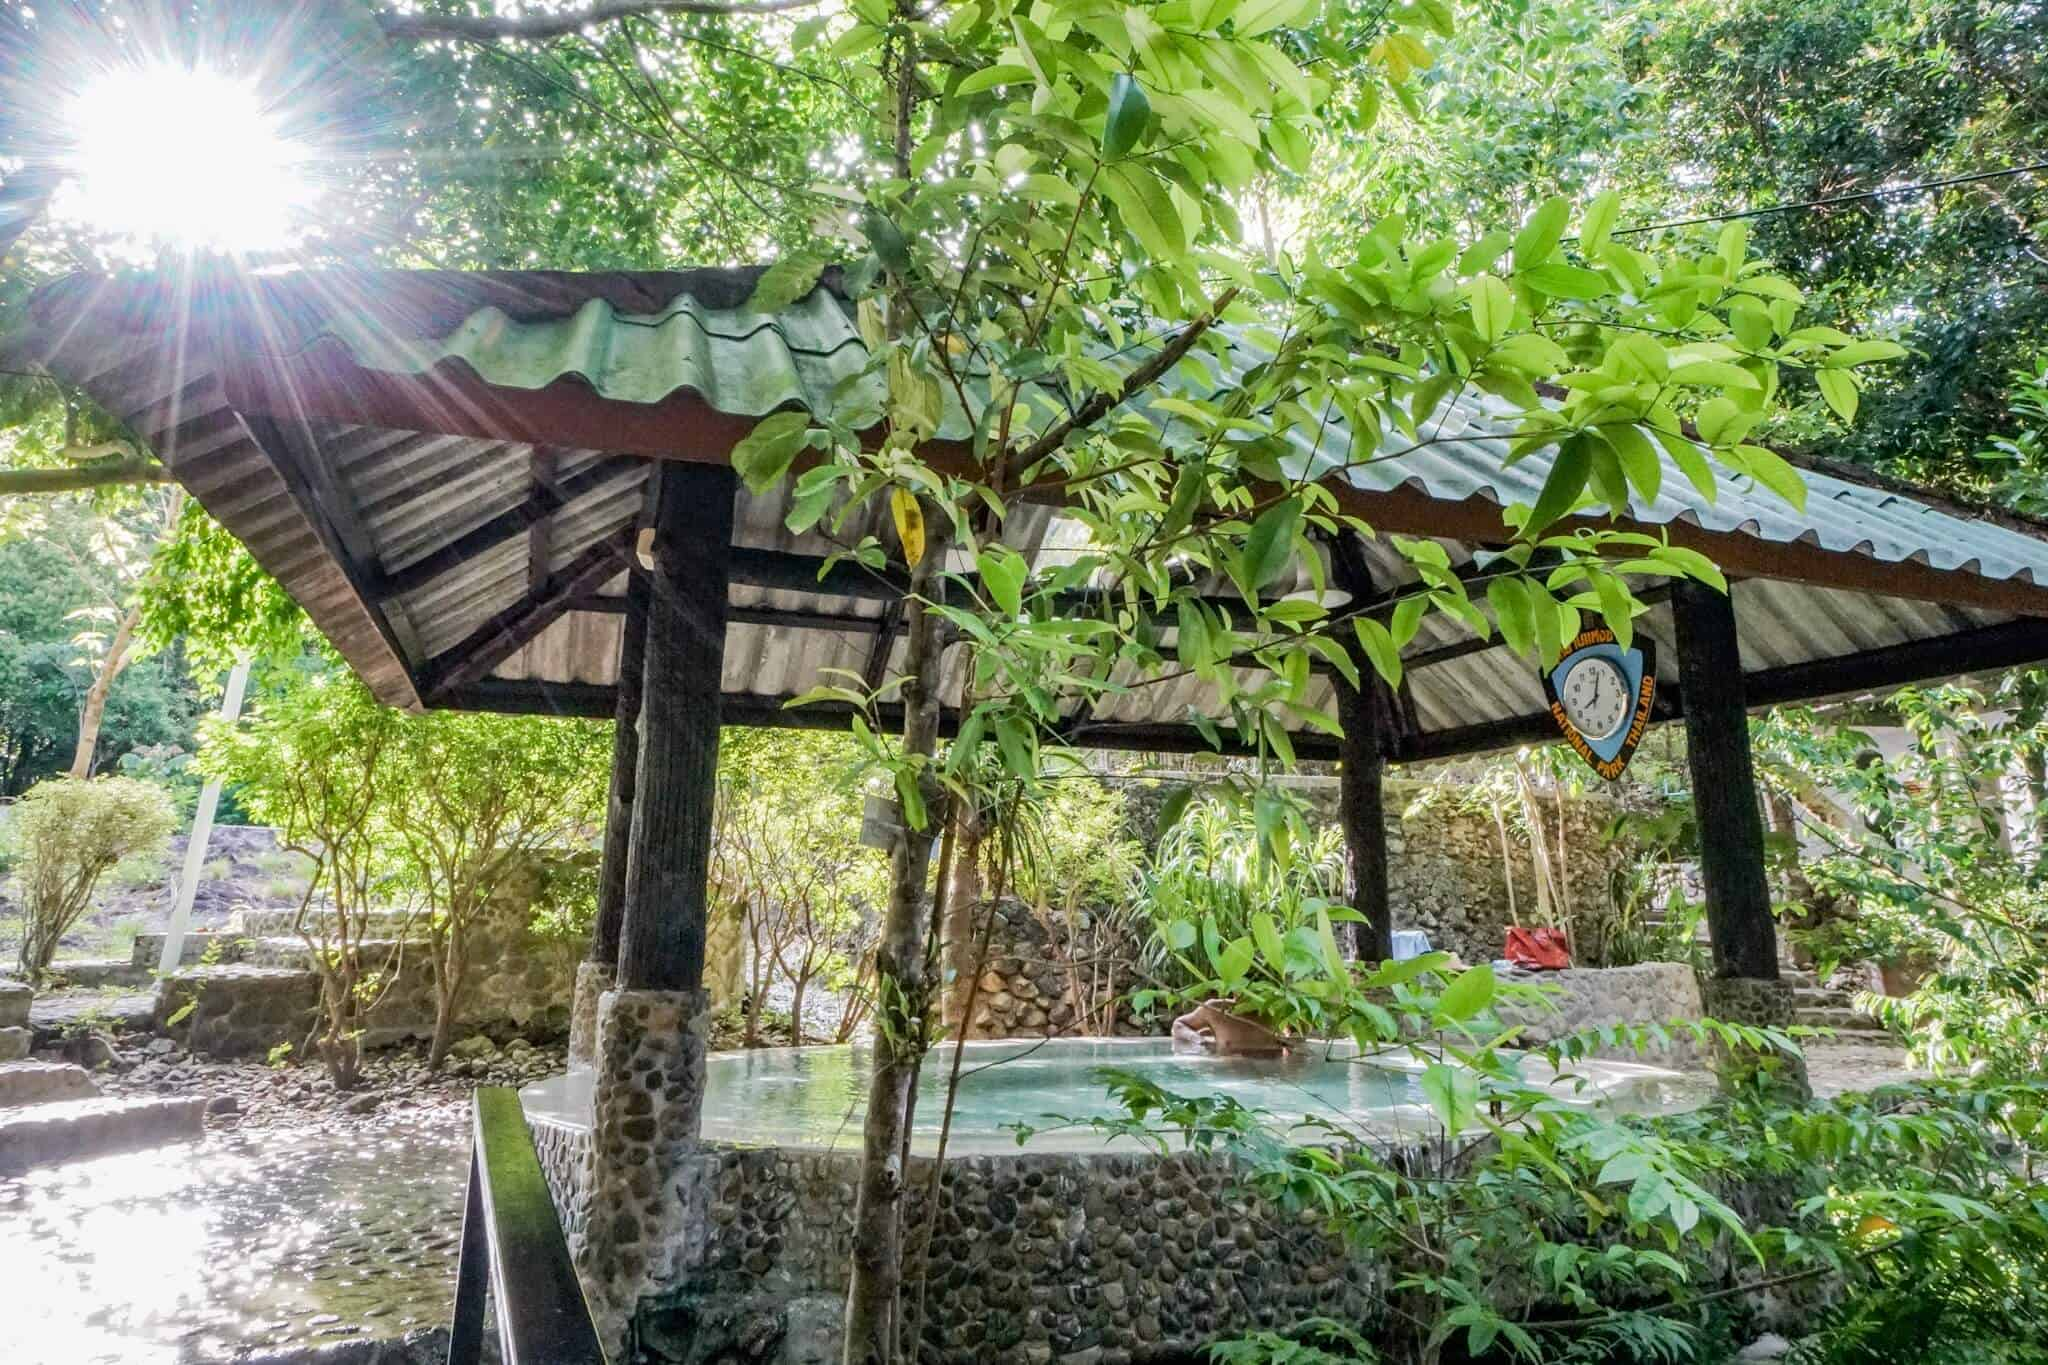 Ranong –Pornrung Hot Springs